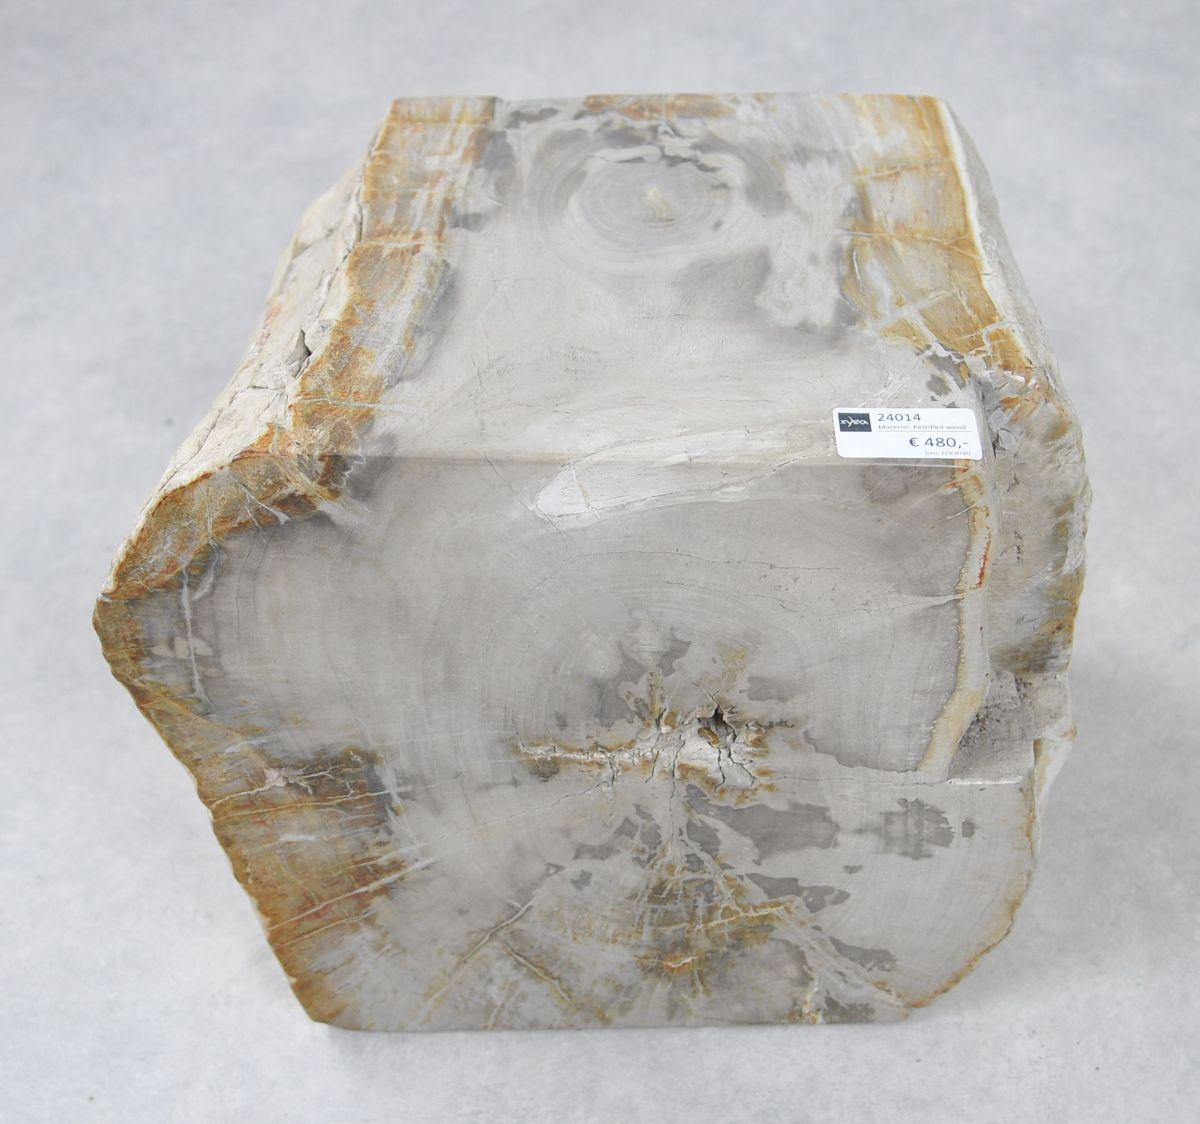 Bijzettafel versteend hout 24014